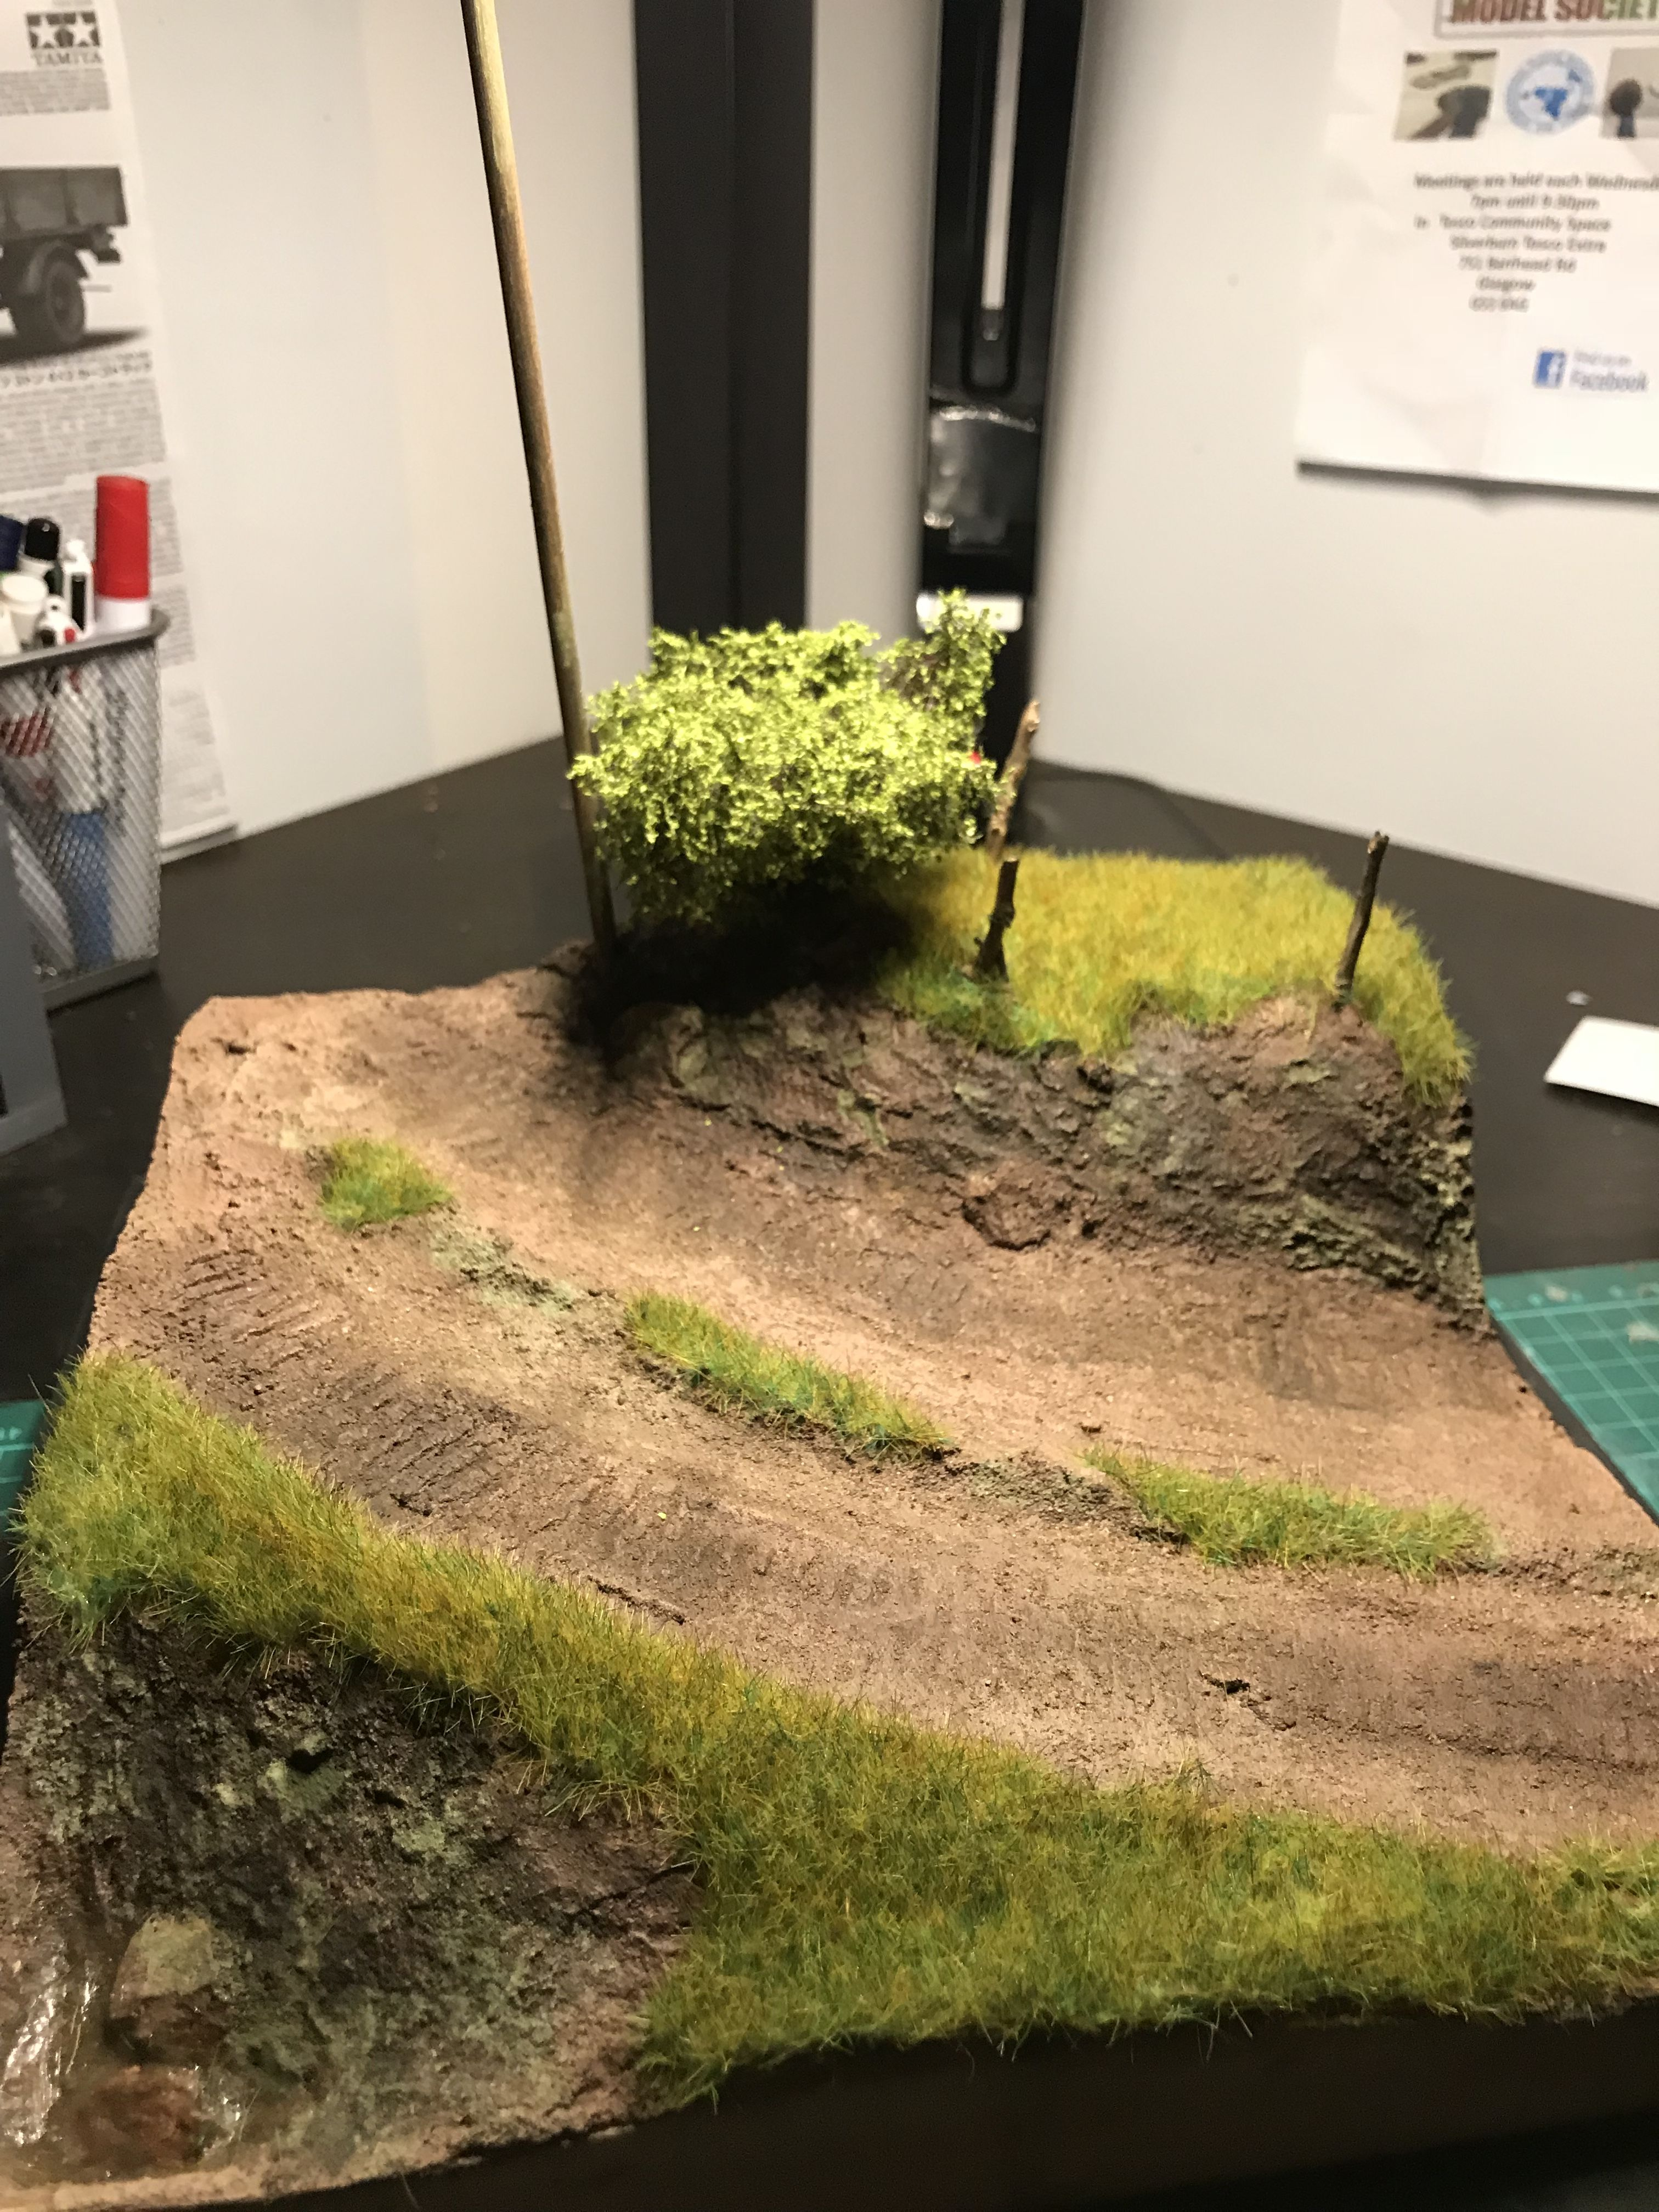 Dusty road diorama #modeltrainlayoutsideas | Scale models